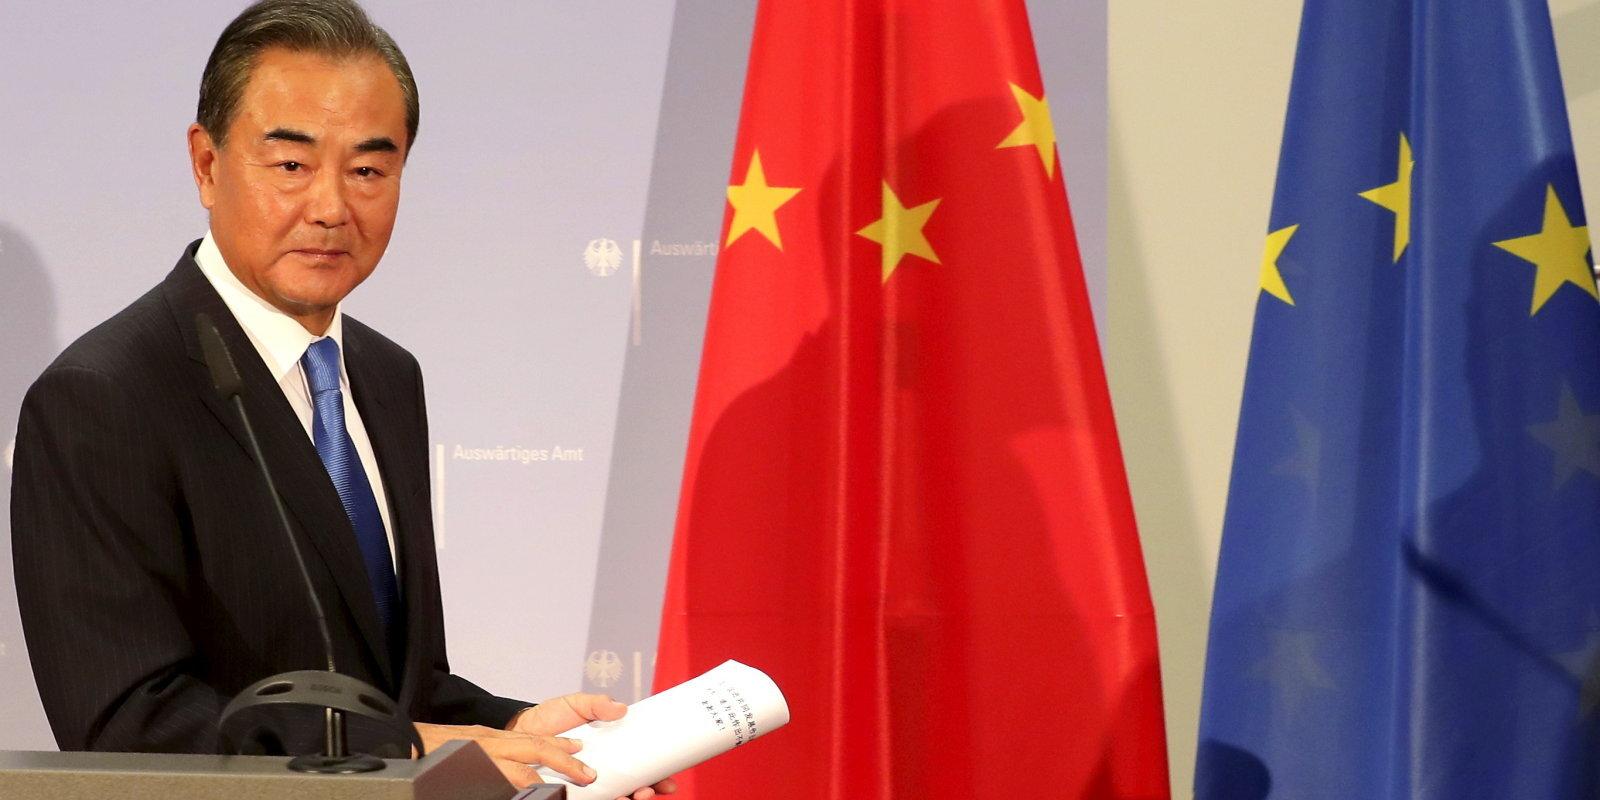 Mostamies kopā ar Ķīnu? Austrumu milzis lūko pēc draugiem Eiropā